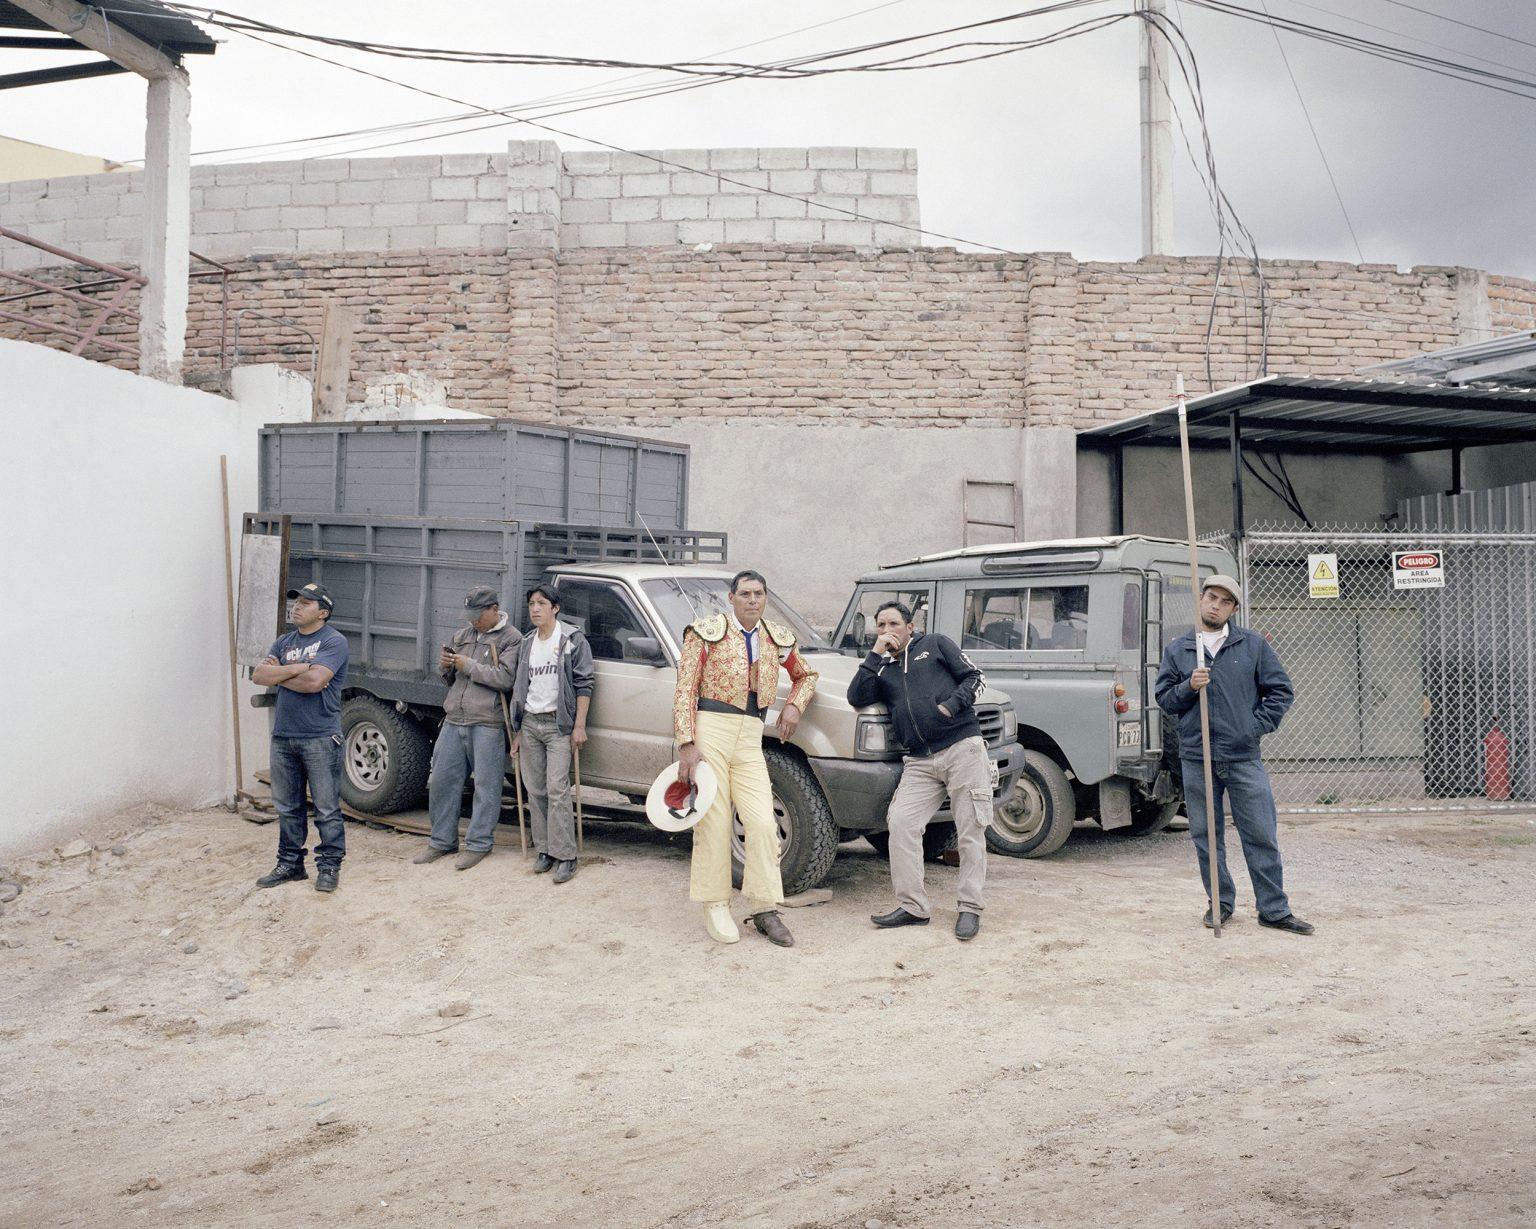 Nel back stage di una corrida ad Ambato, a sud di Quito. Al centro il picador aspetta di entrare nell'arena. La corrida è uno spettacolo molto popolare in Ecuador, anche se nel maggio del 2011 grazie ad un referendum di riforma costituzionale voluto da Correa in molte regioni si è proibito l'uccisone del toro. La riforma conteneva anche riforme del potere giudiziario e dei media. Marzo 2013.  In the back stage of a bullfight in Ambato, south of Quito. Bullfighting is a very popular show in Ecuador.  At the center of the picador waiting to enter the arena. Bullfighting is a very popular show in Ecuador, although in May 2011 thanks to a referendum on constitutional reform desired by Correa in many regions has prohibited the murder of the bull. The reform also contained reforms of the judiciary and the media systems. March 2013.